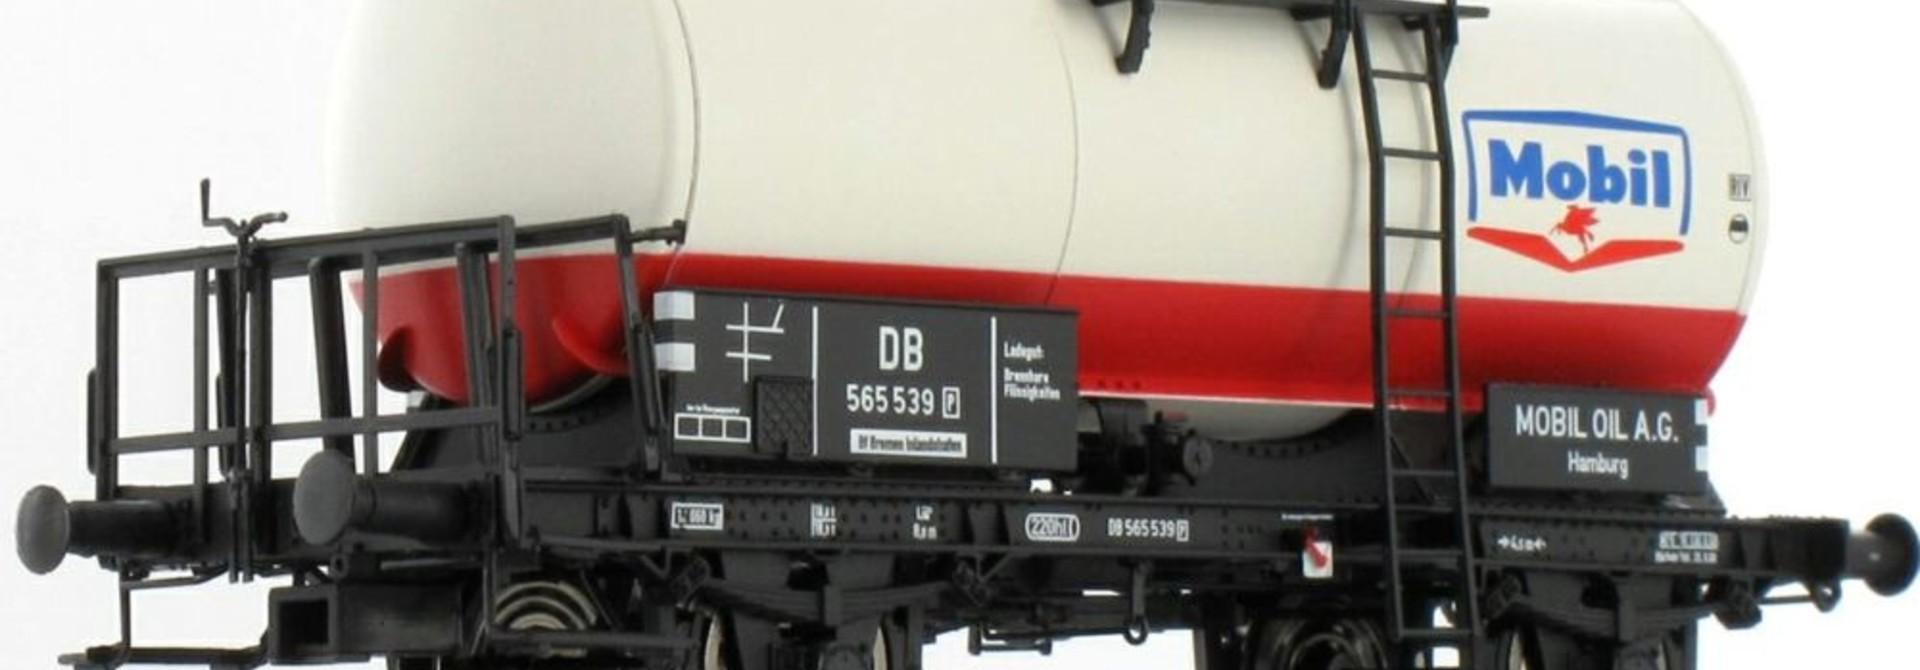 49203 Kesselwagen Mobil